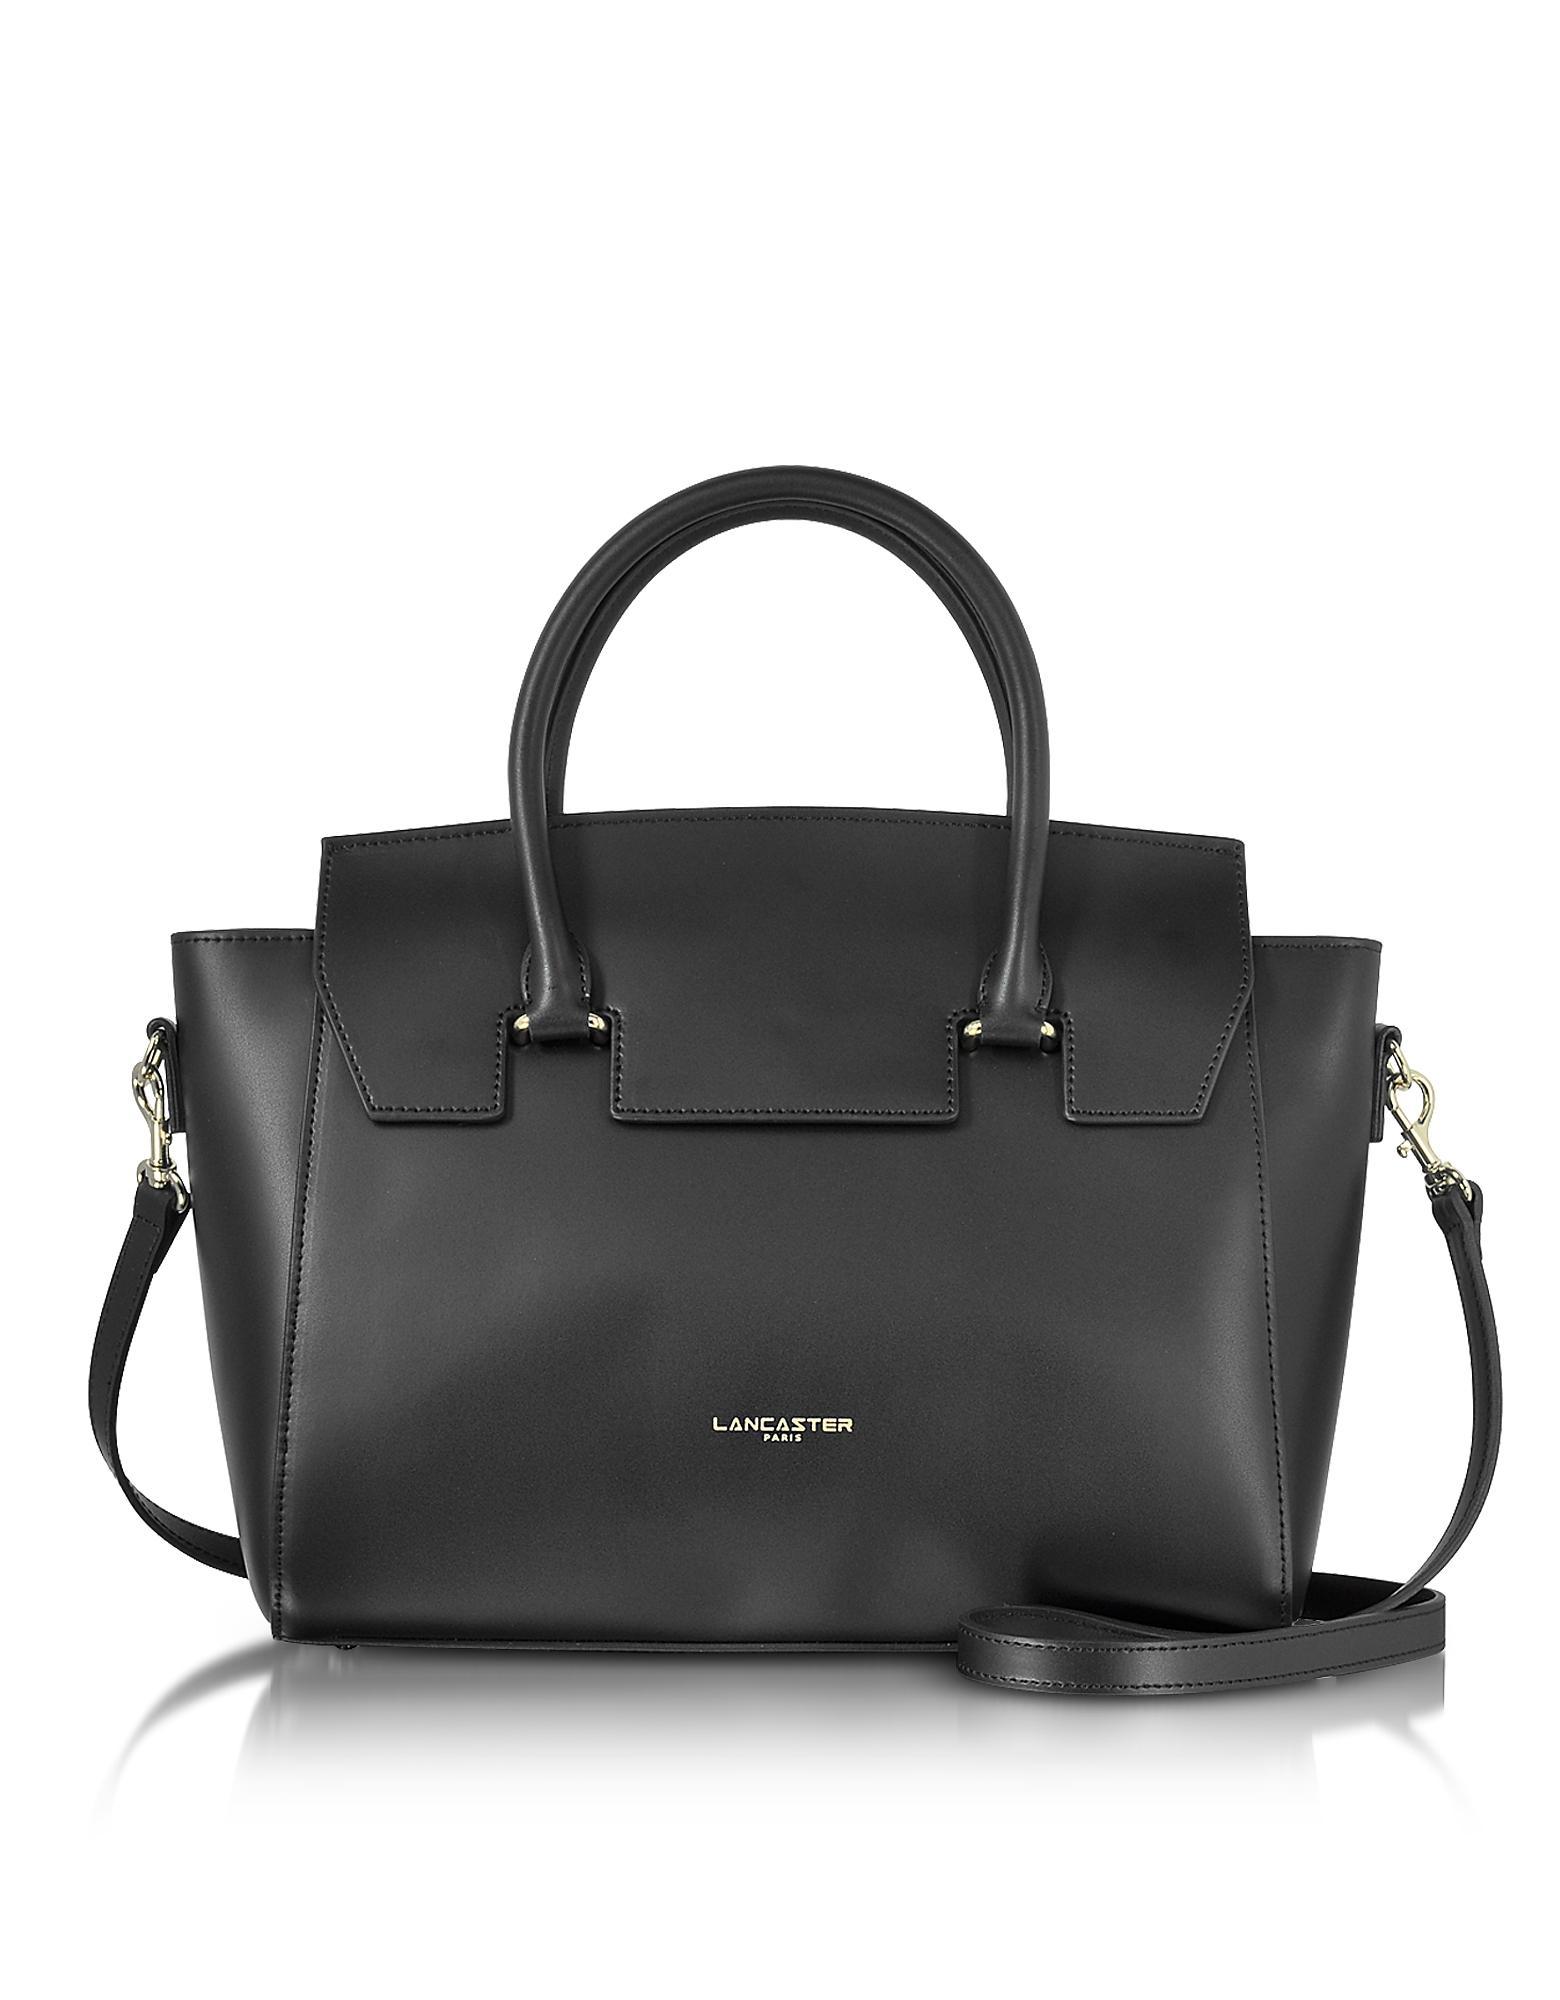 1b129befbc8c Lancaster Paris. Women s Black Camelia Leather Tote Bag W detachable  Shoulder Strap